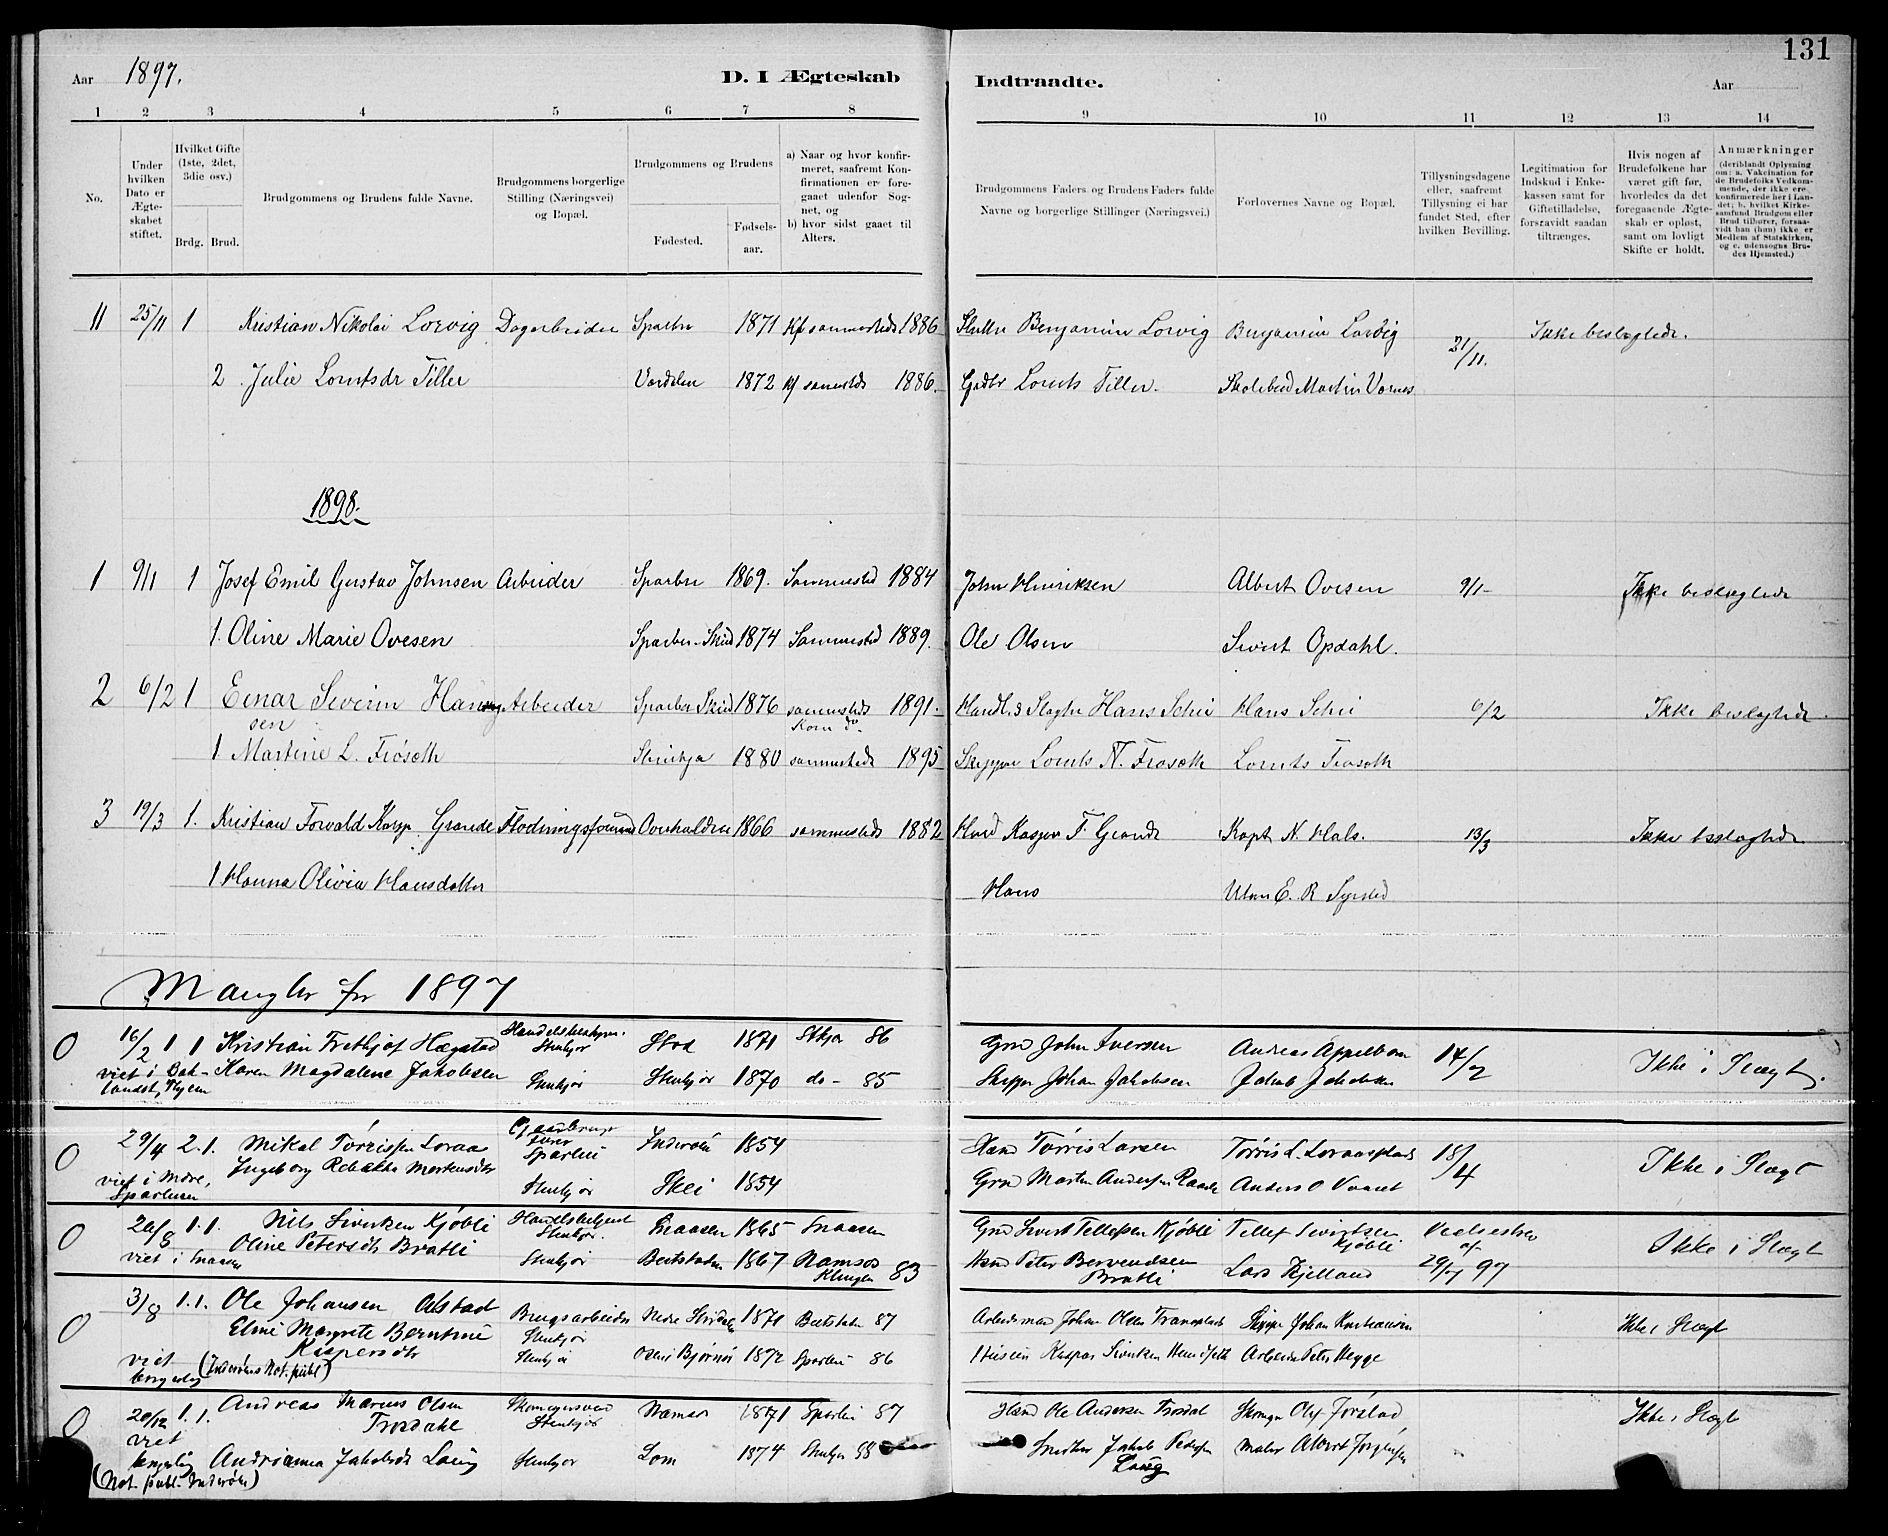 SAT, Ministerialprotokoller, klokkerbøker og fødselsregistre - Nord-Trøndelag, 739/L0374: Klokkerbok nr. 739C02, 1883-1898, s. 131